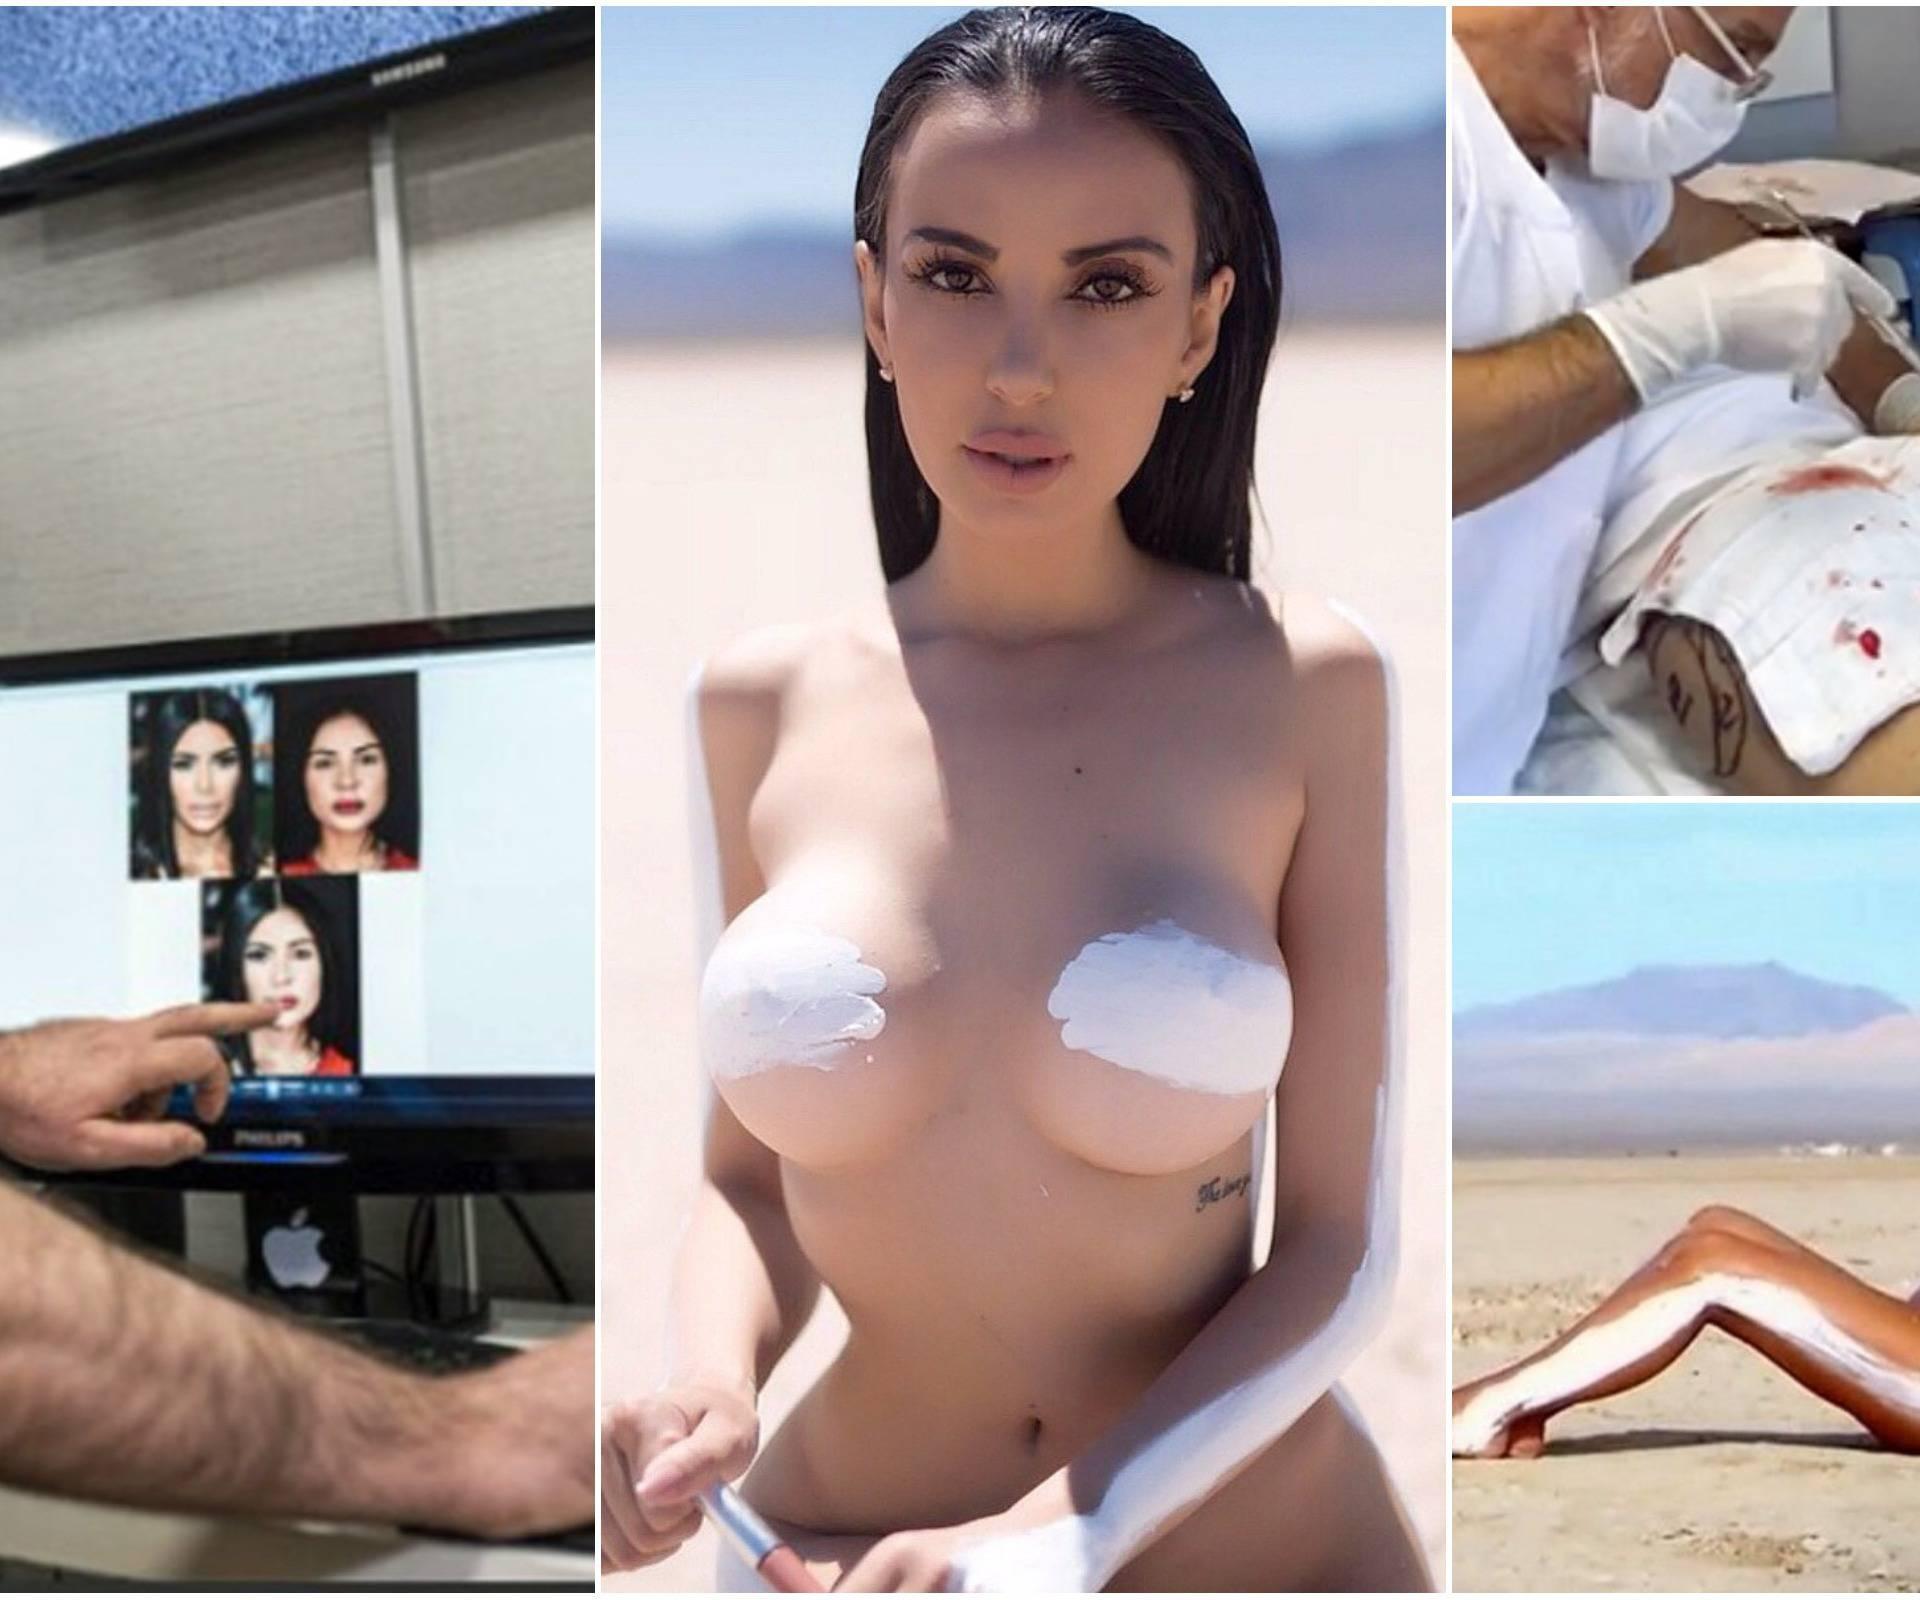 Brojne operacije: Želi 'od glave do pete' izgledati poput Kim